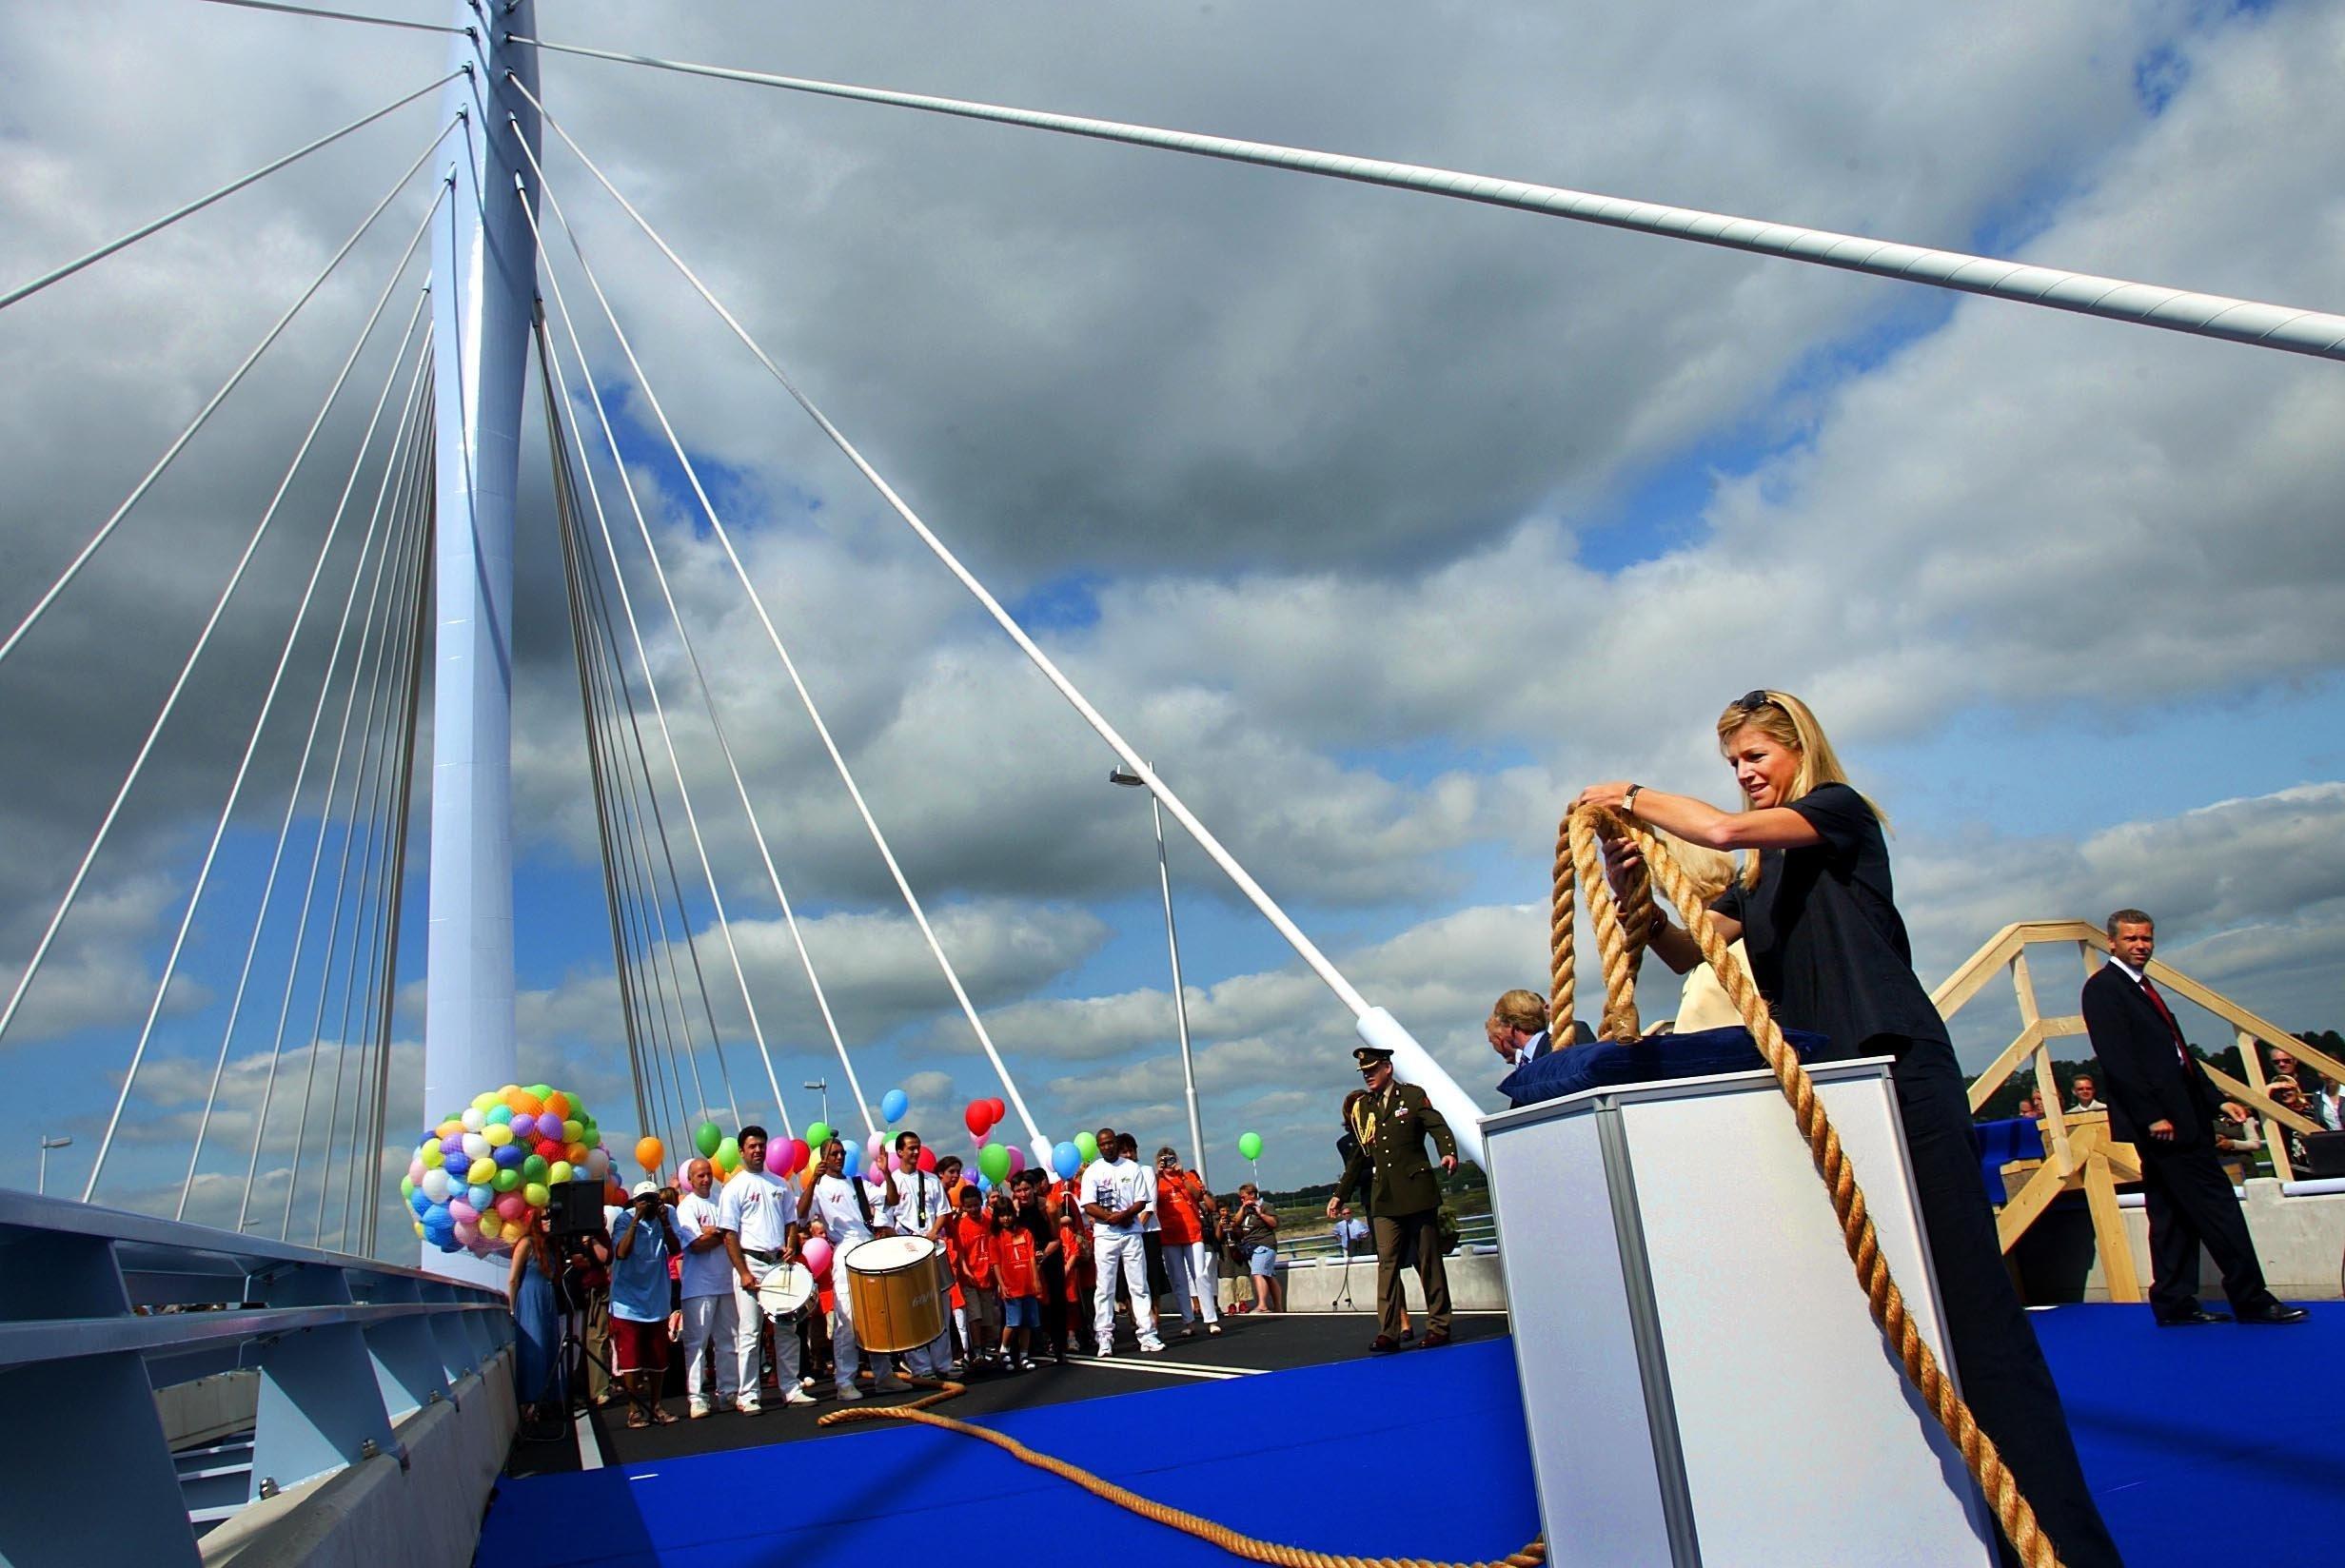 De prins Clausbrug wordt in 2003 geopend door prinses Máxima (Foto ANP / Robert Vos)